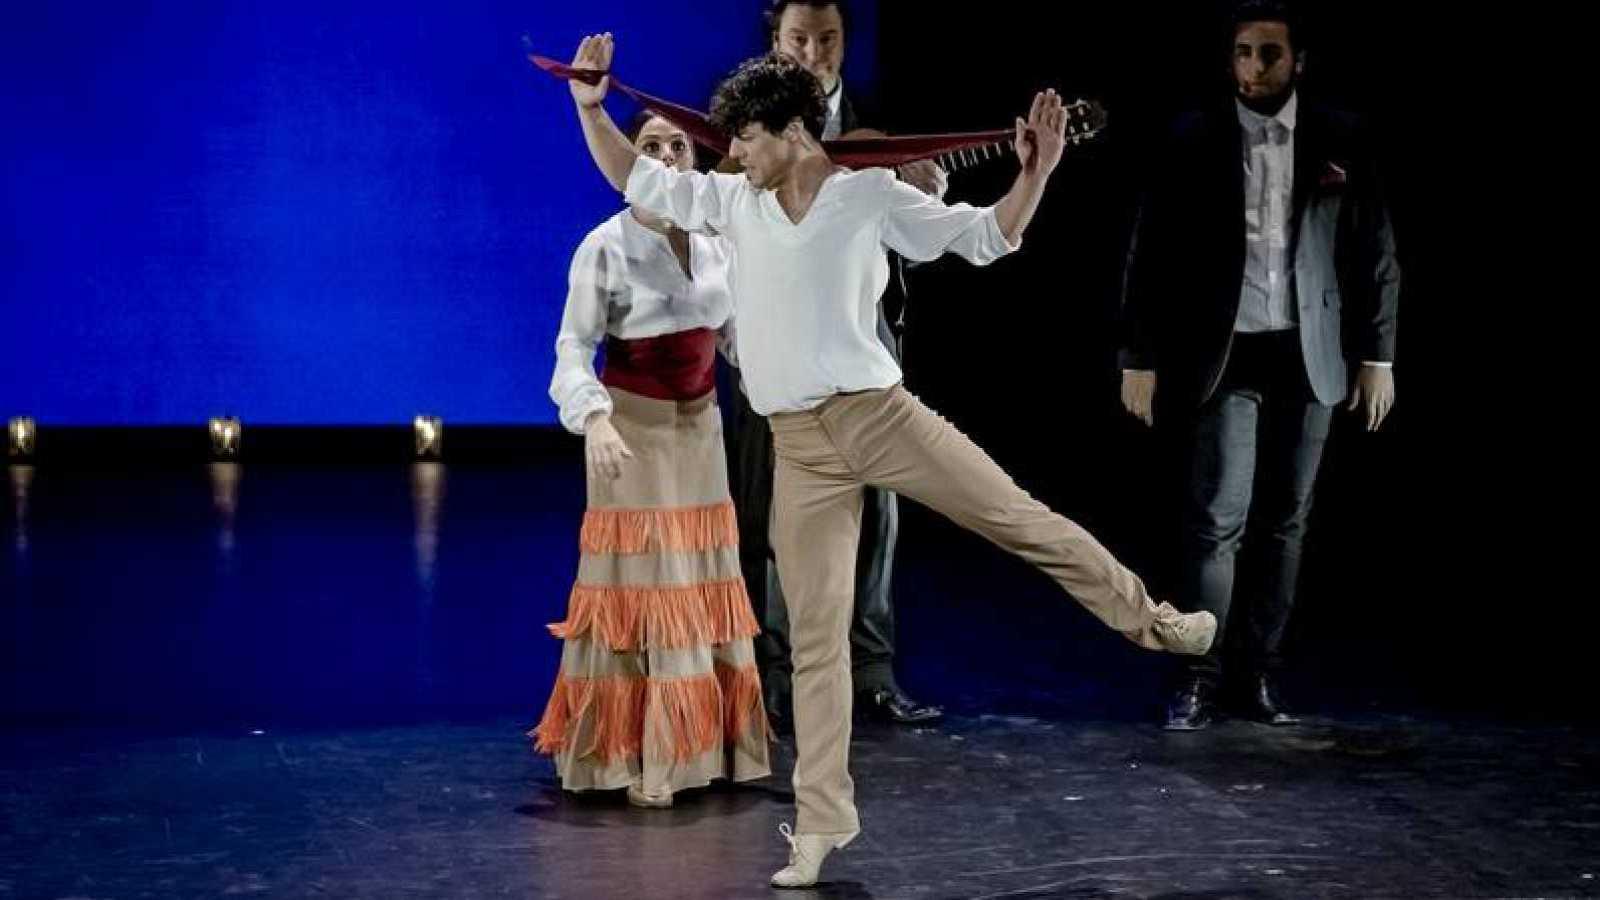 Salimos por el mundo - Jesús Carmona, Mejor Artista Internacional y Producción Internacional de Danza de los Latin UK Awards 2018 - 13/09/18